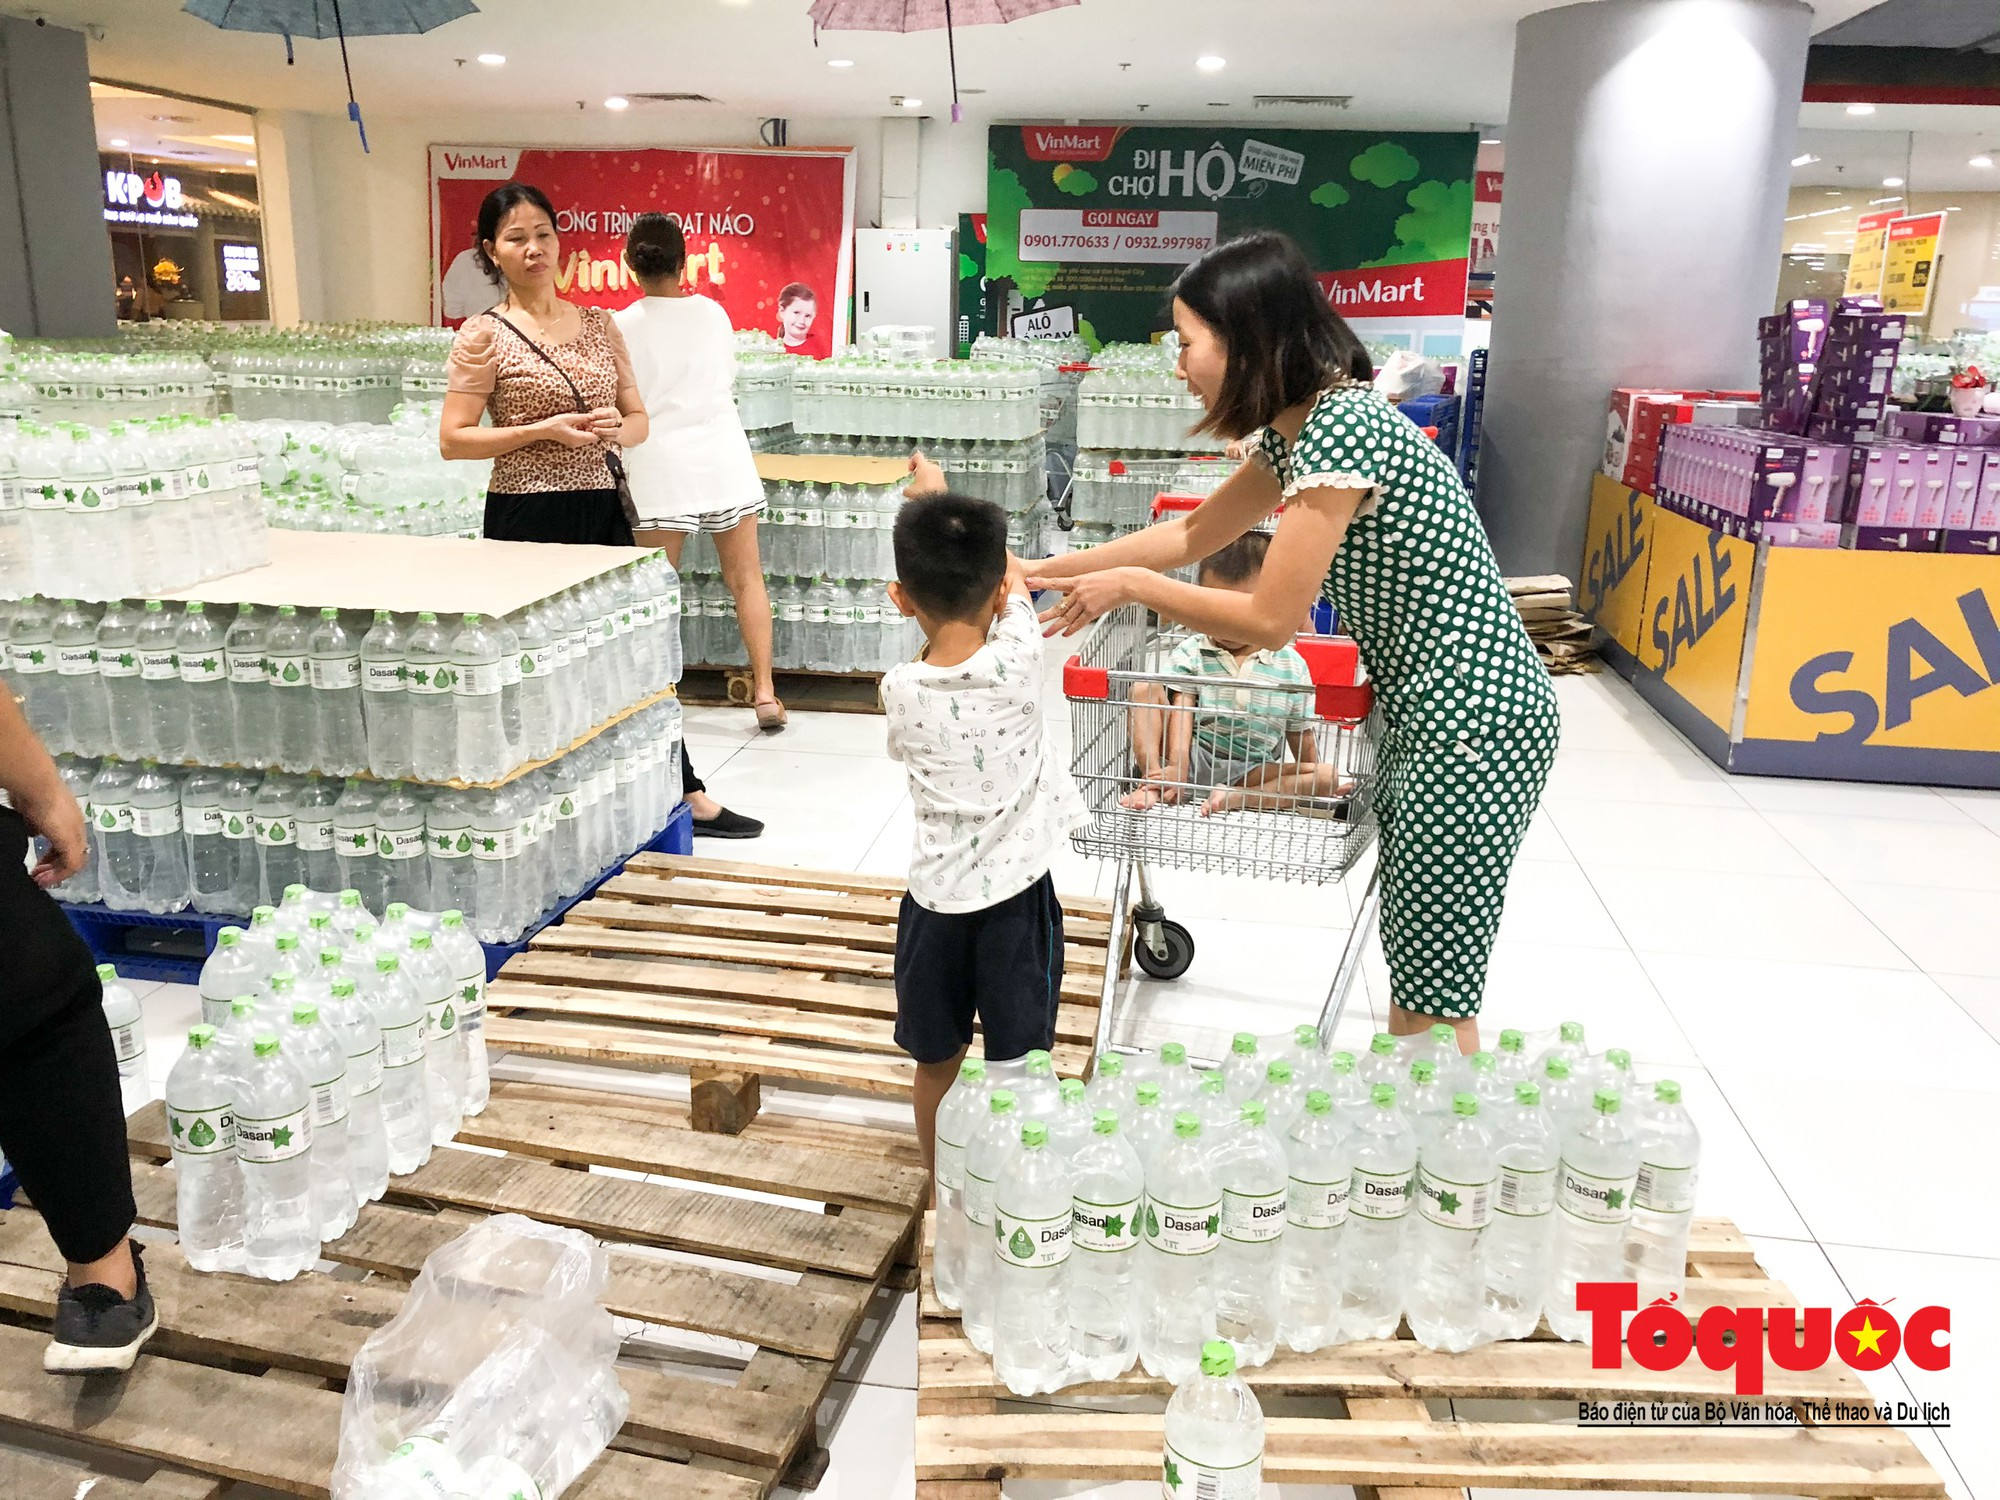 Sợ nước bẩn, người dân đổ xô đến các siêu thi mua nước đóng chai3